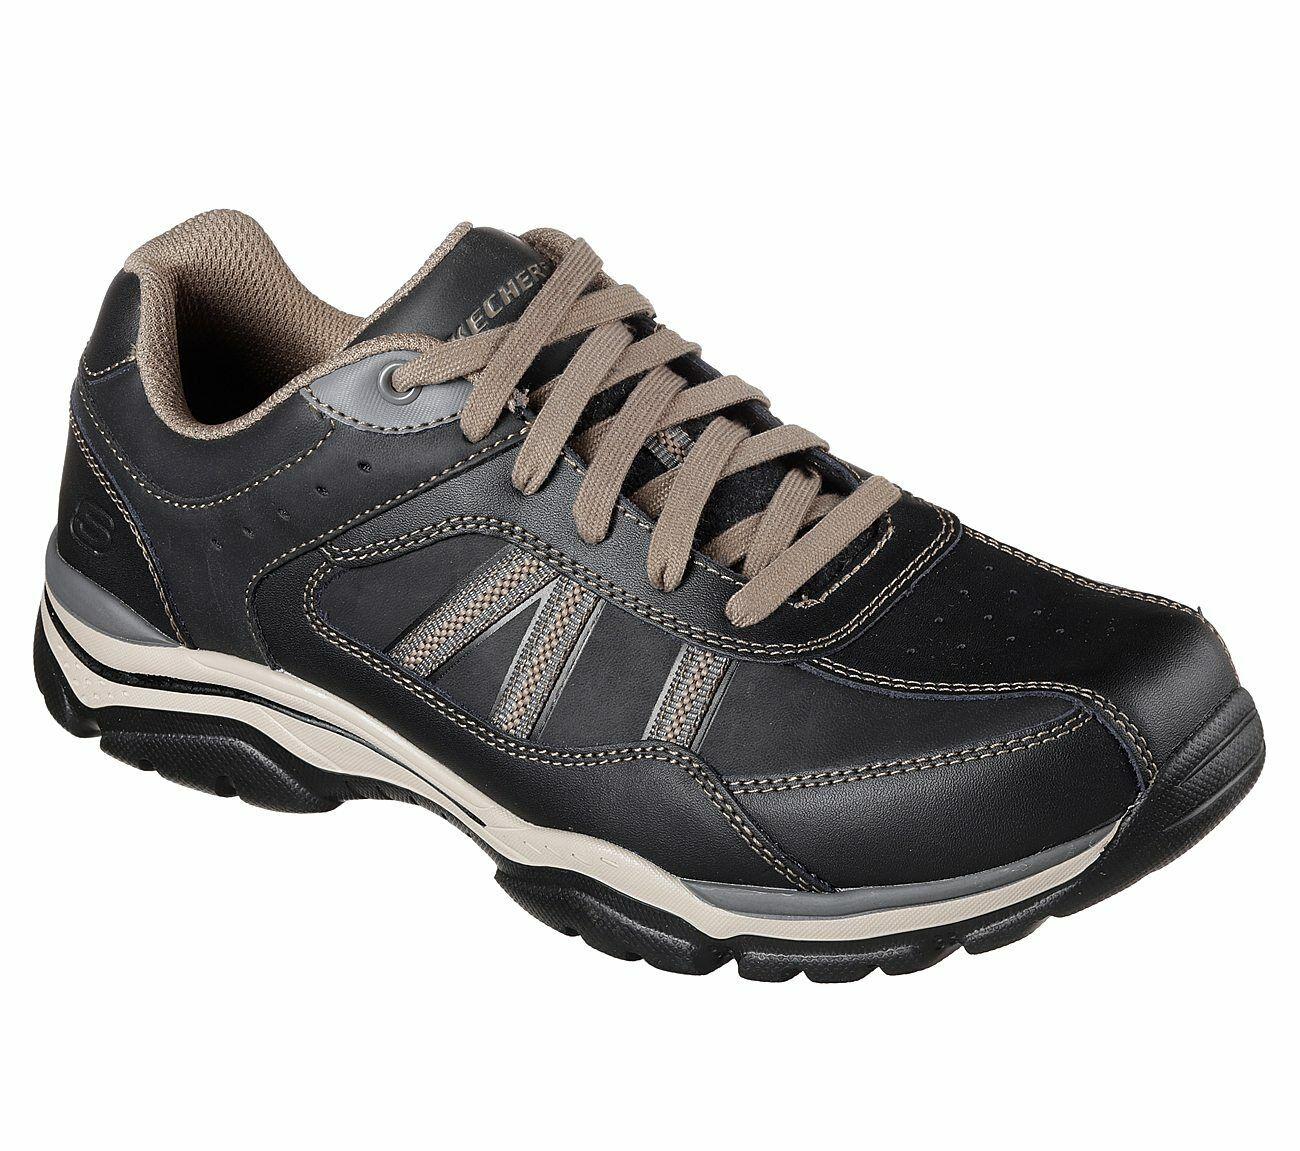 Skechers 65418EWW BKTP Negro Topo Hombre Cuero Casuales Zapatillas Con Cordones